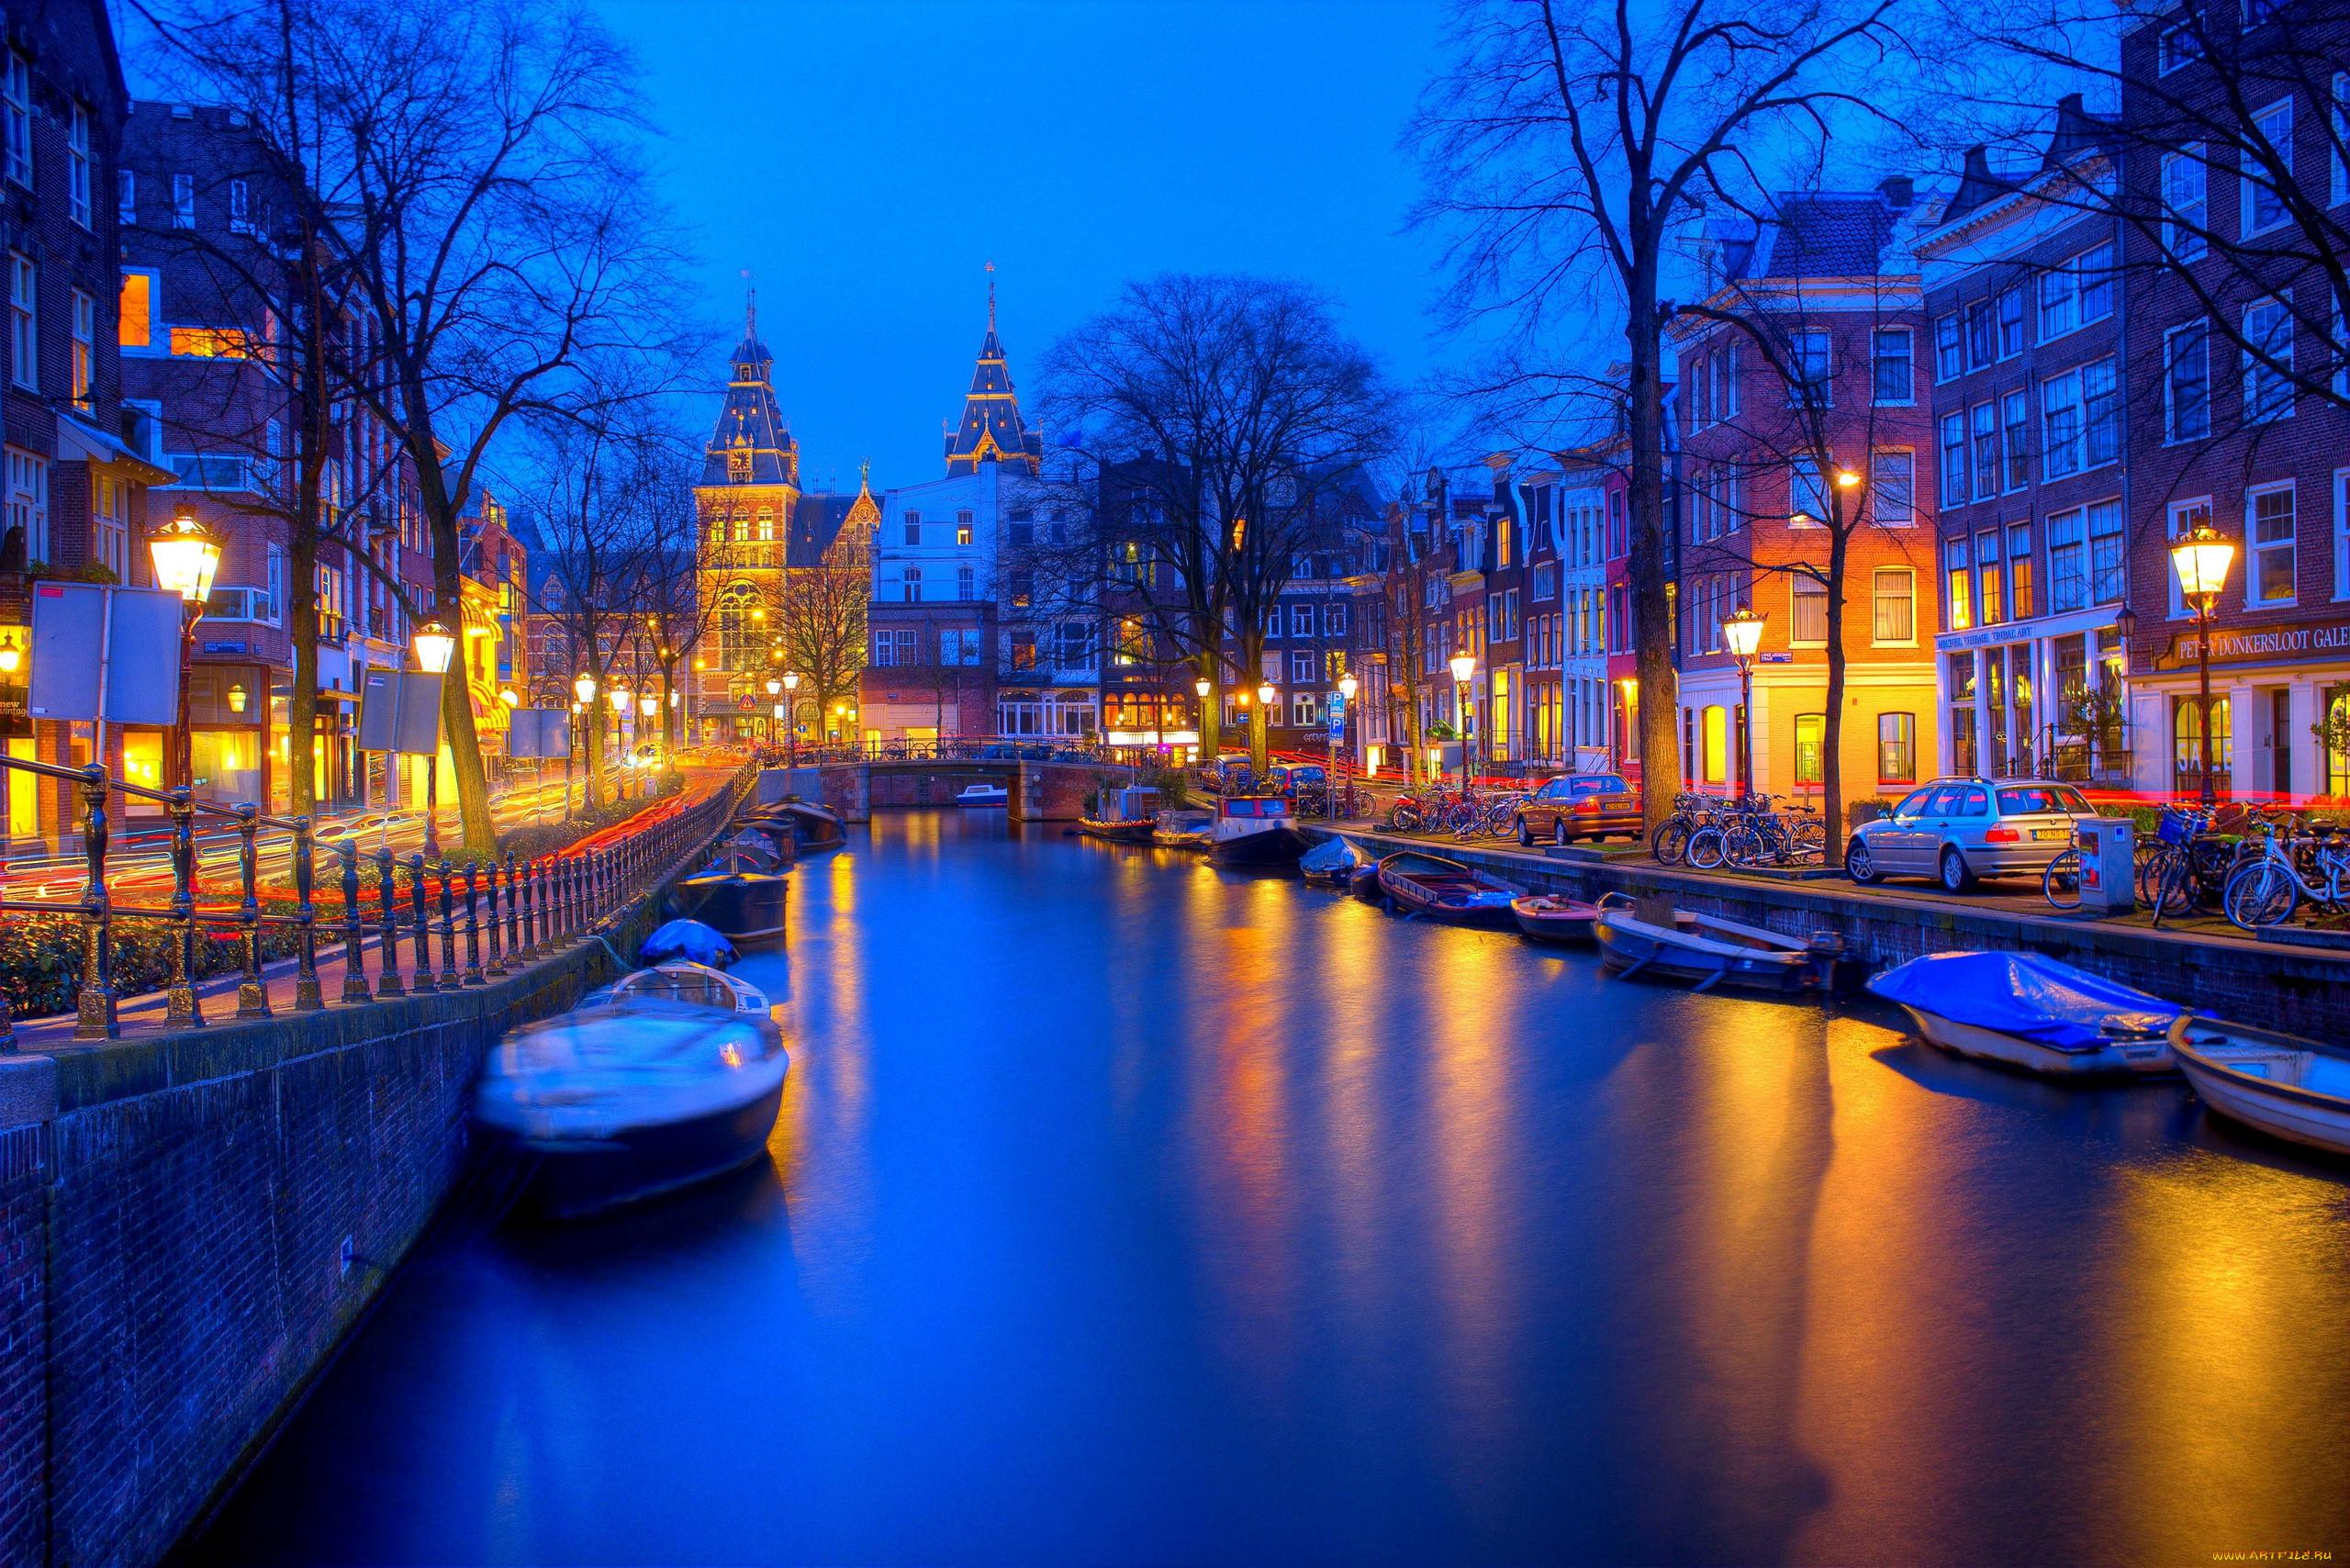 упал раскаянии красивый город фото вечер каждый мирный